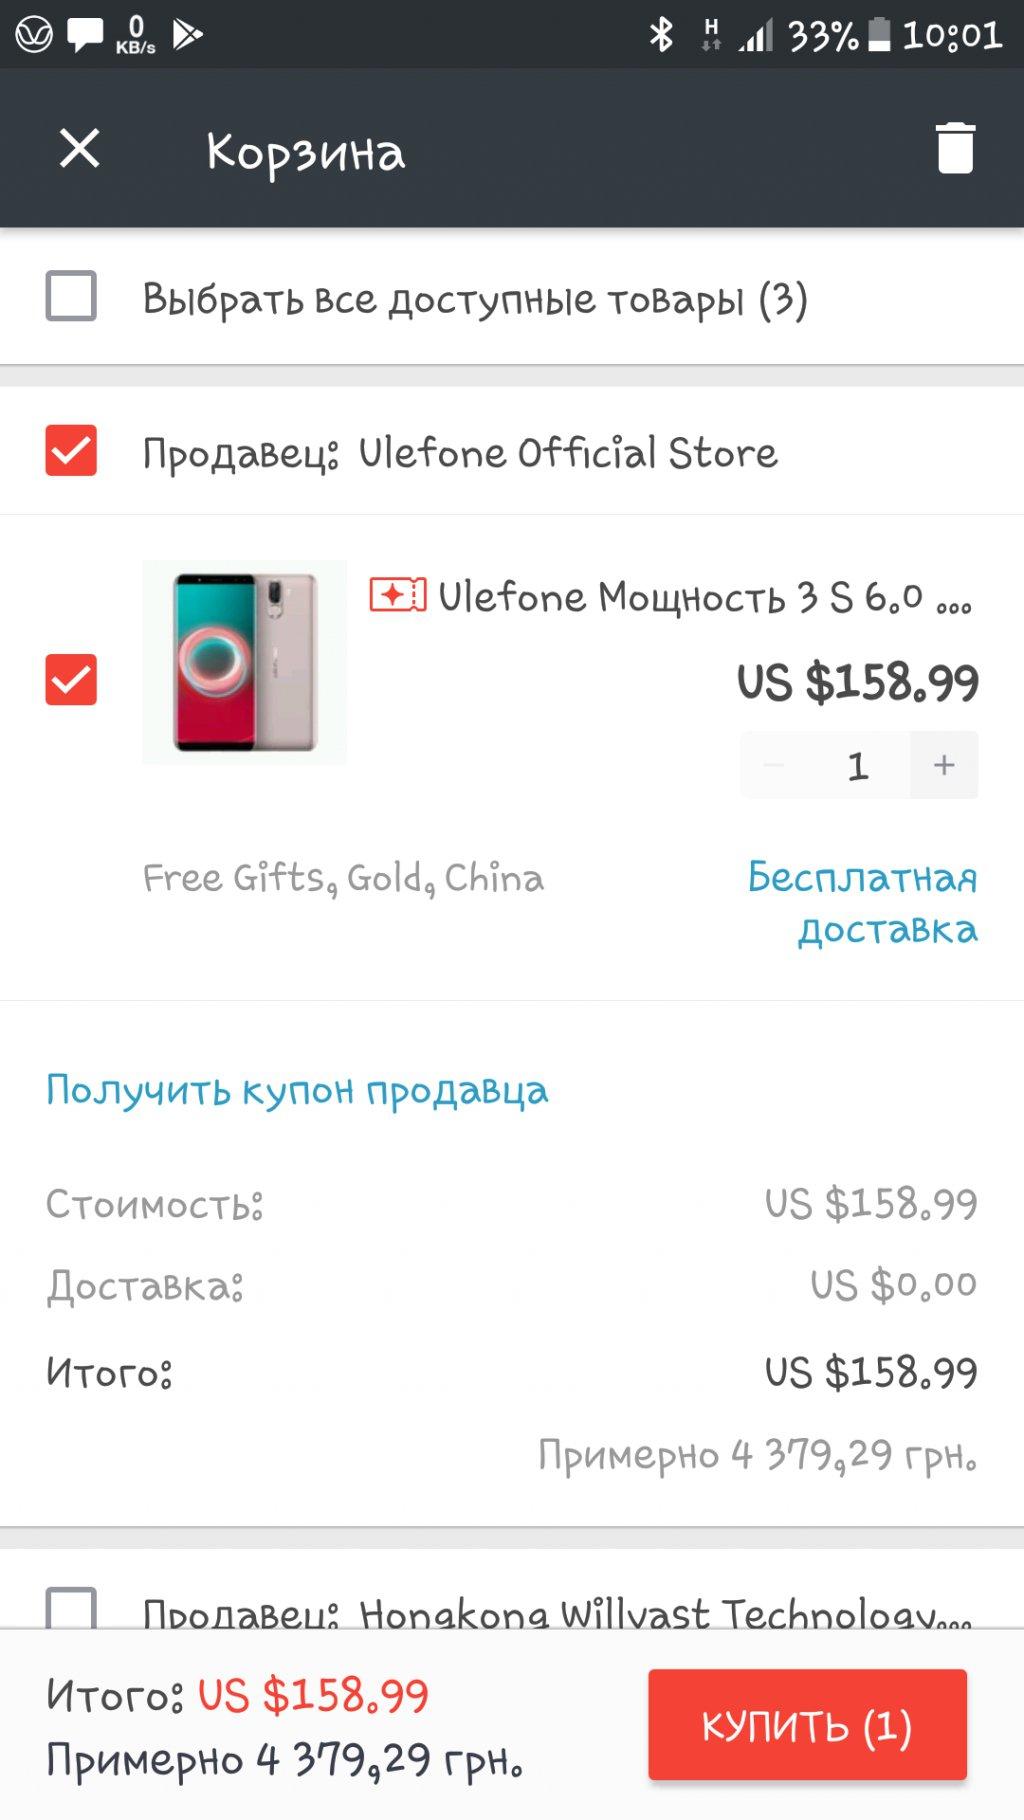 AliExpress - Aliexpress.com - интернет-магазин товаров из Китая